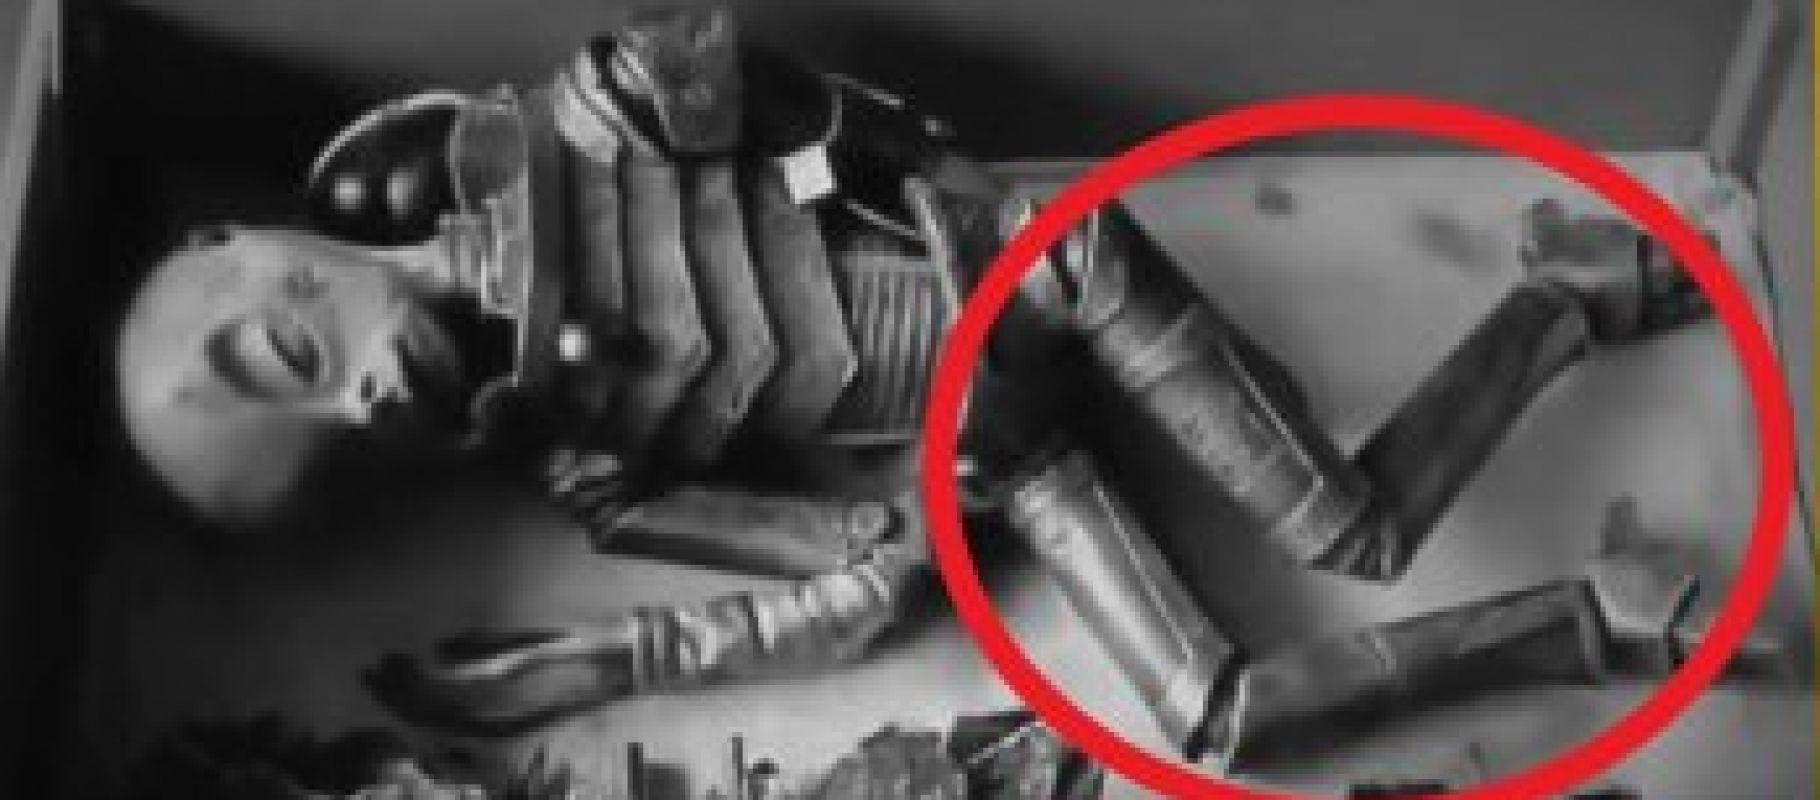 Шокирующее фото из Приморья: В заброшенном бункере нашли реального пришельца?